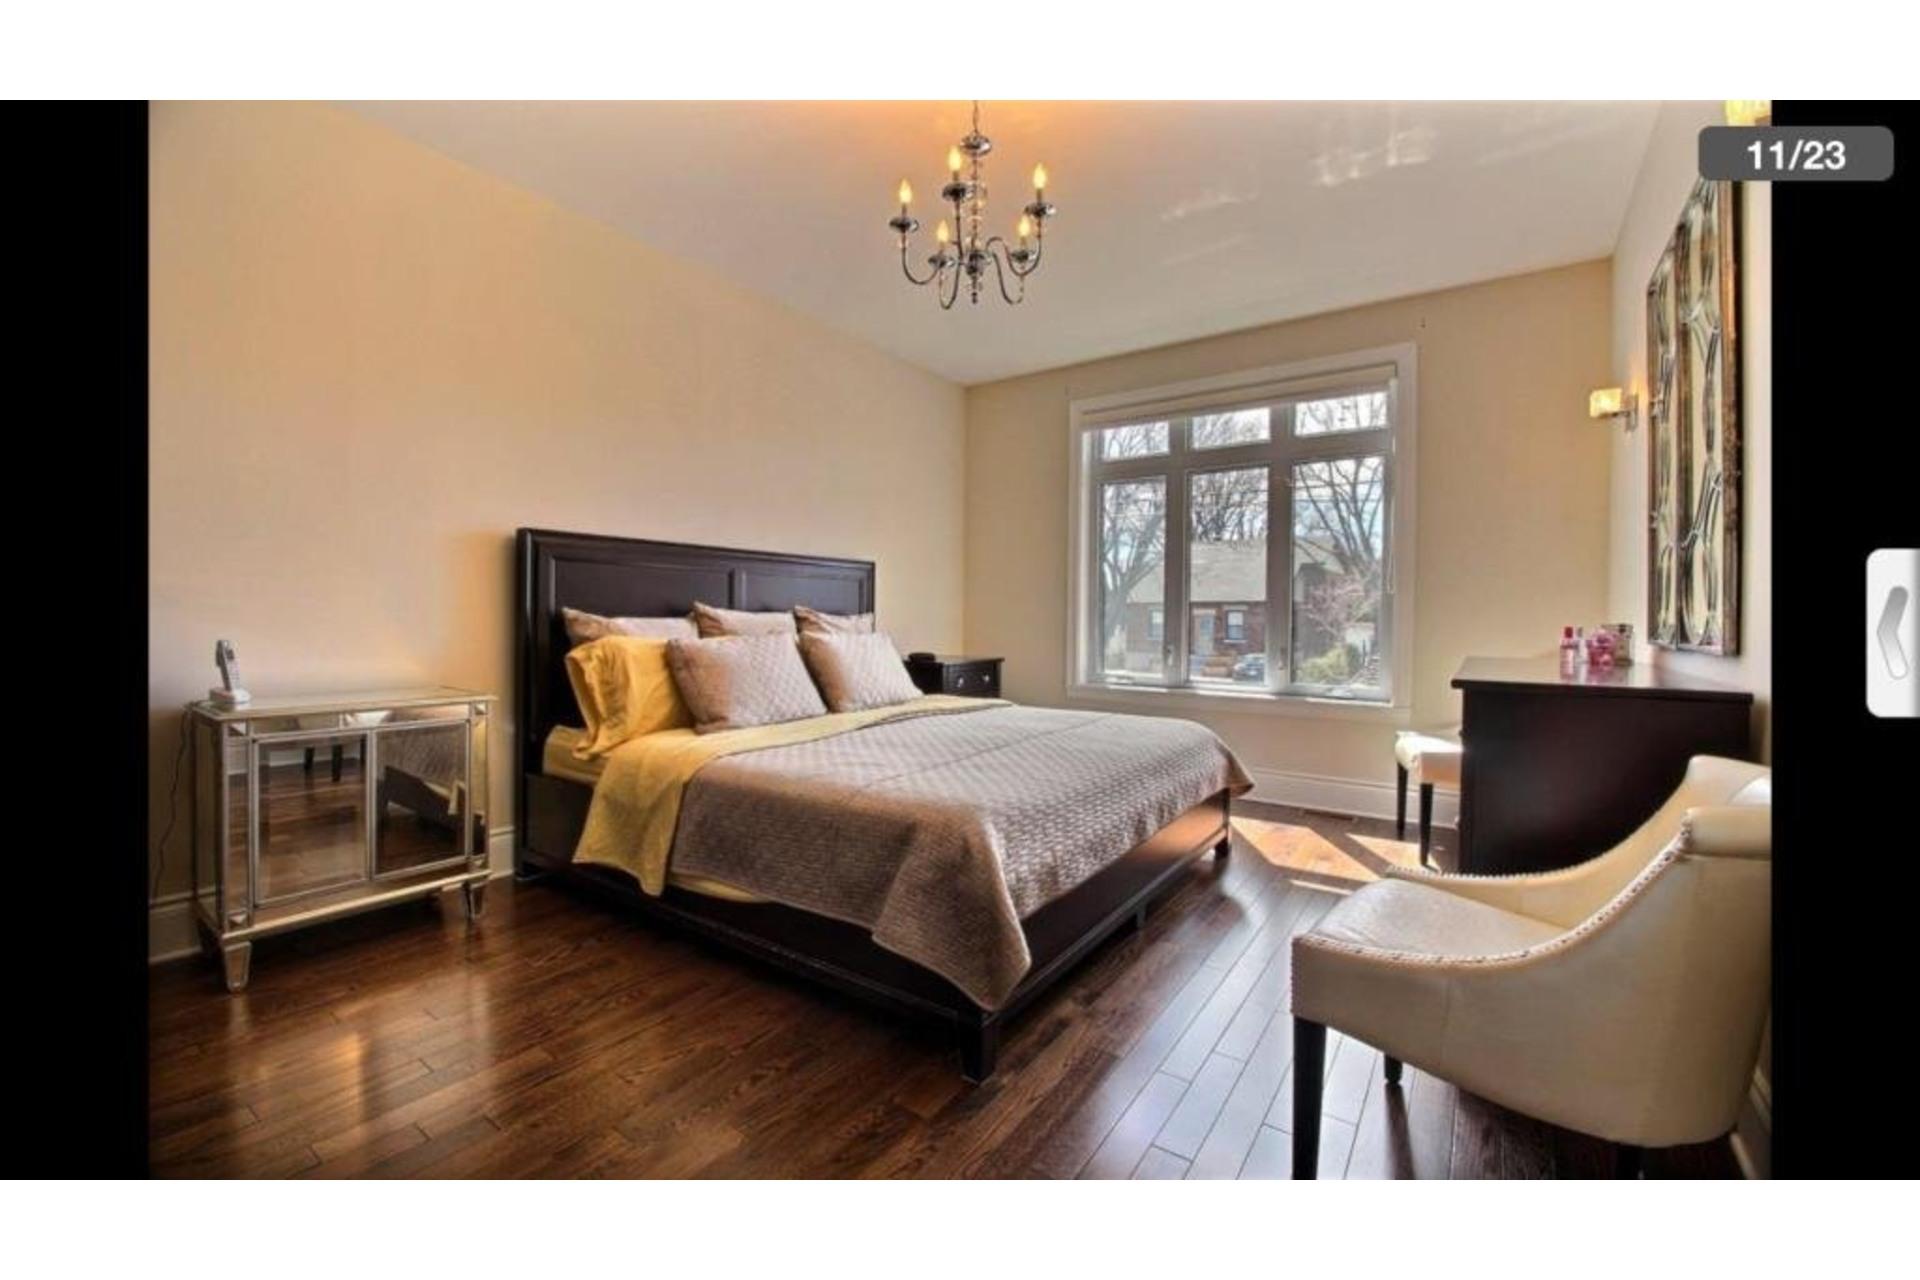 image 6 - Apartment For rent Montréal Saint-Laurent  - 10 rooms